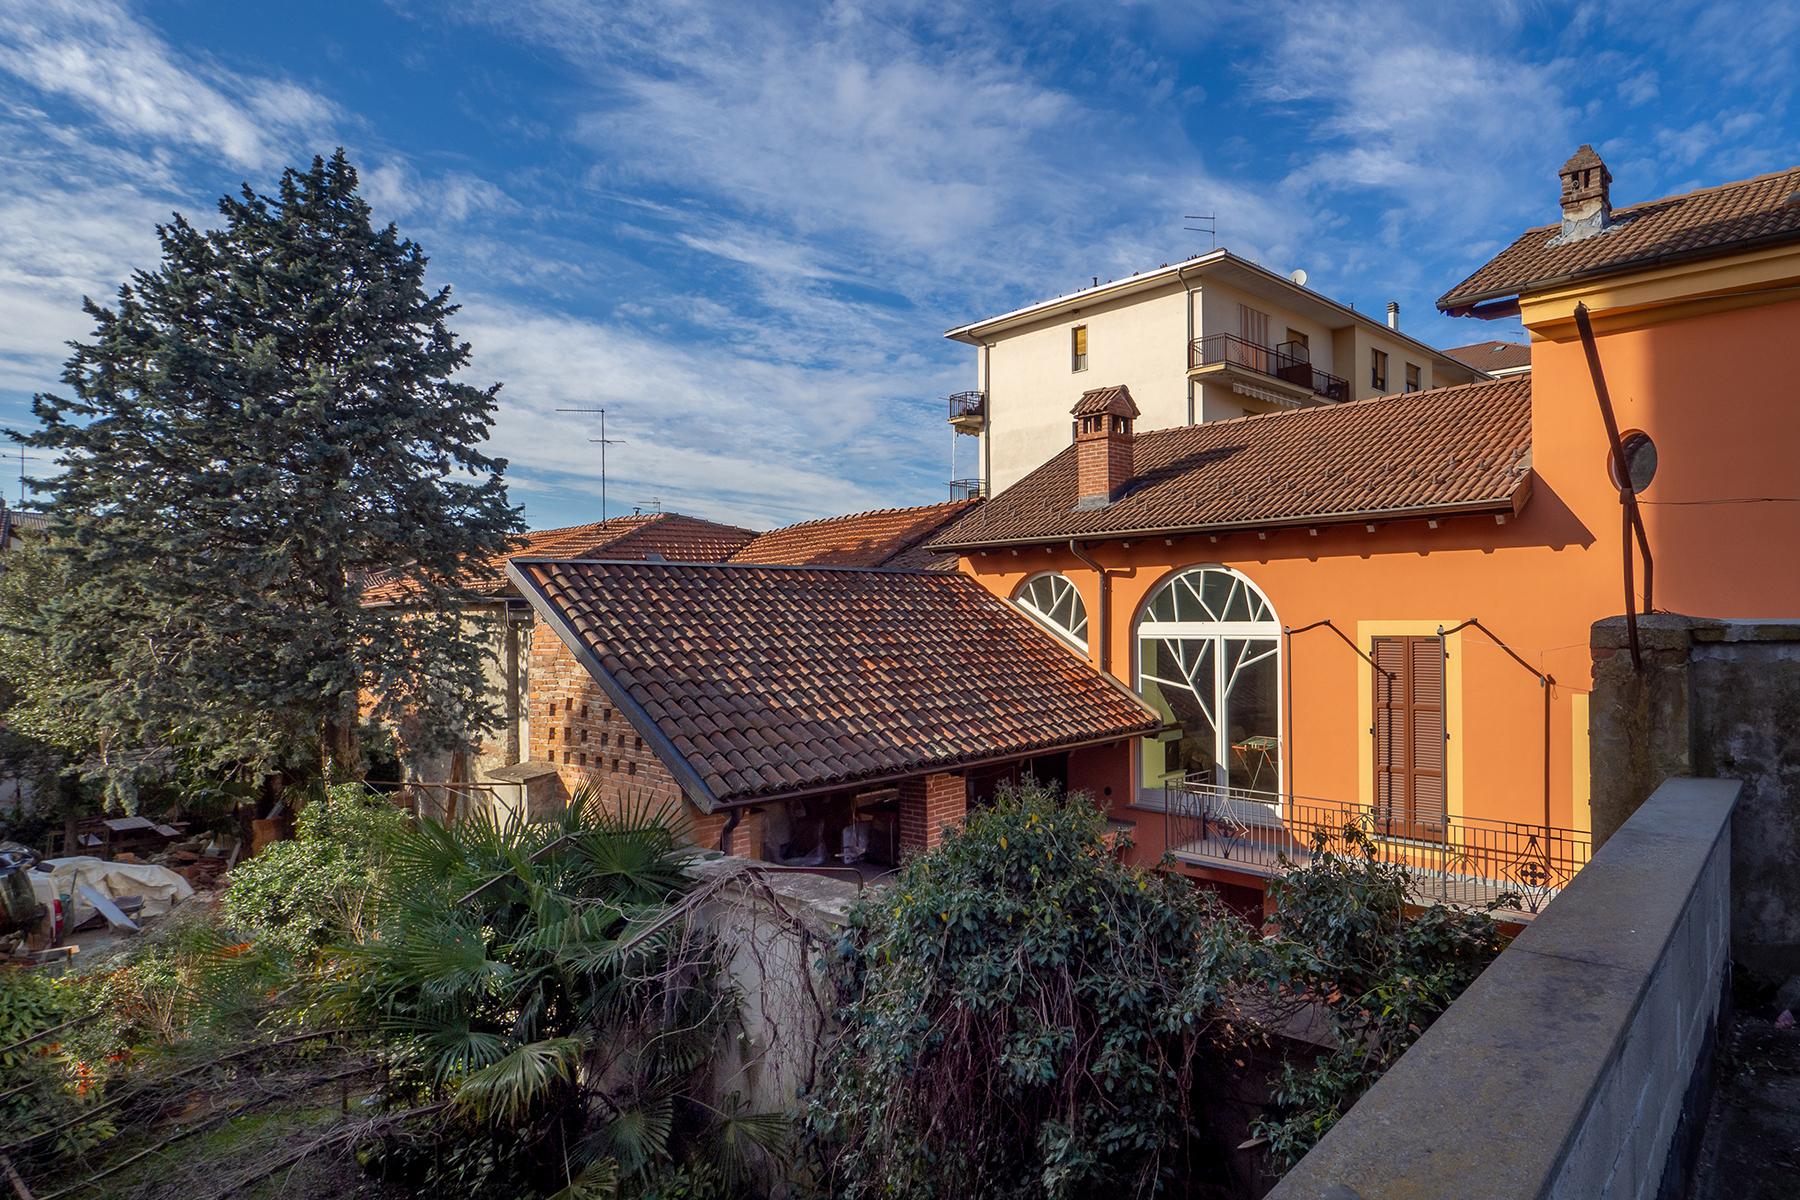 Villa in Vendita a Rivalta Bormida: 5 locali, 520 mq - Foto 28